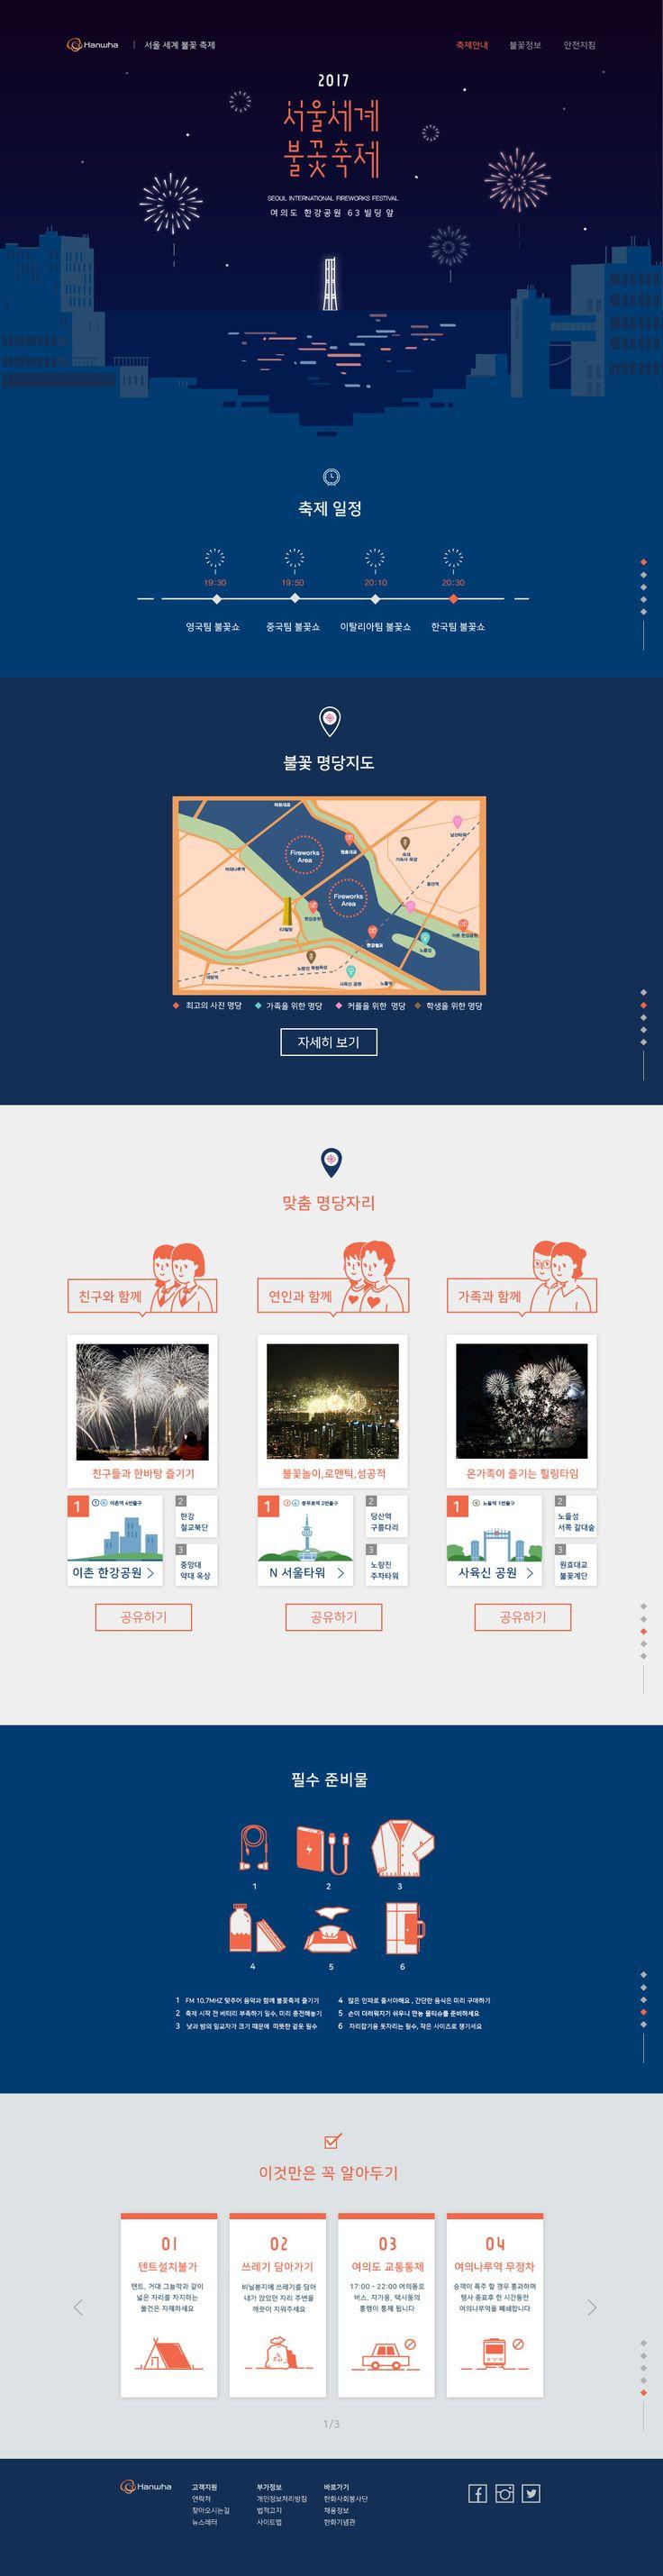 다가오는 2017년 세계불꽃축제를 기대하며 불꽃놀이에 필요한 정보를 보는 가상의 웹페이지를 제작해보았습니다전체적인 정보는 한화 블로그와 갔다온 사람들의 후기를 참고하여 만들었습니다.